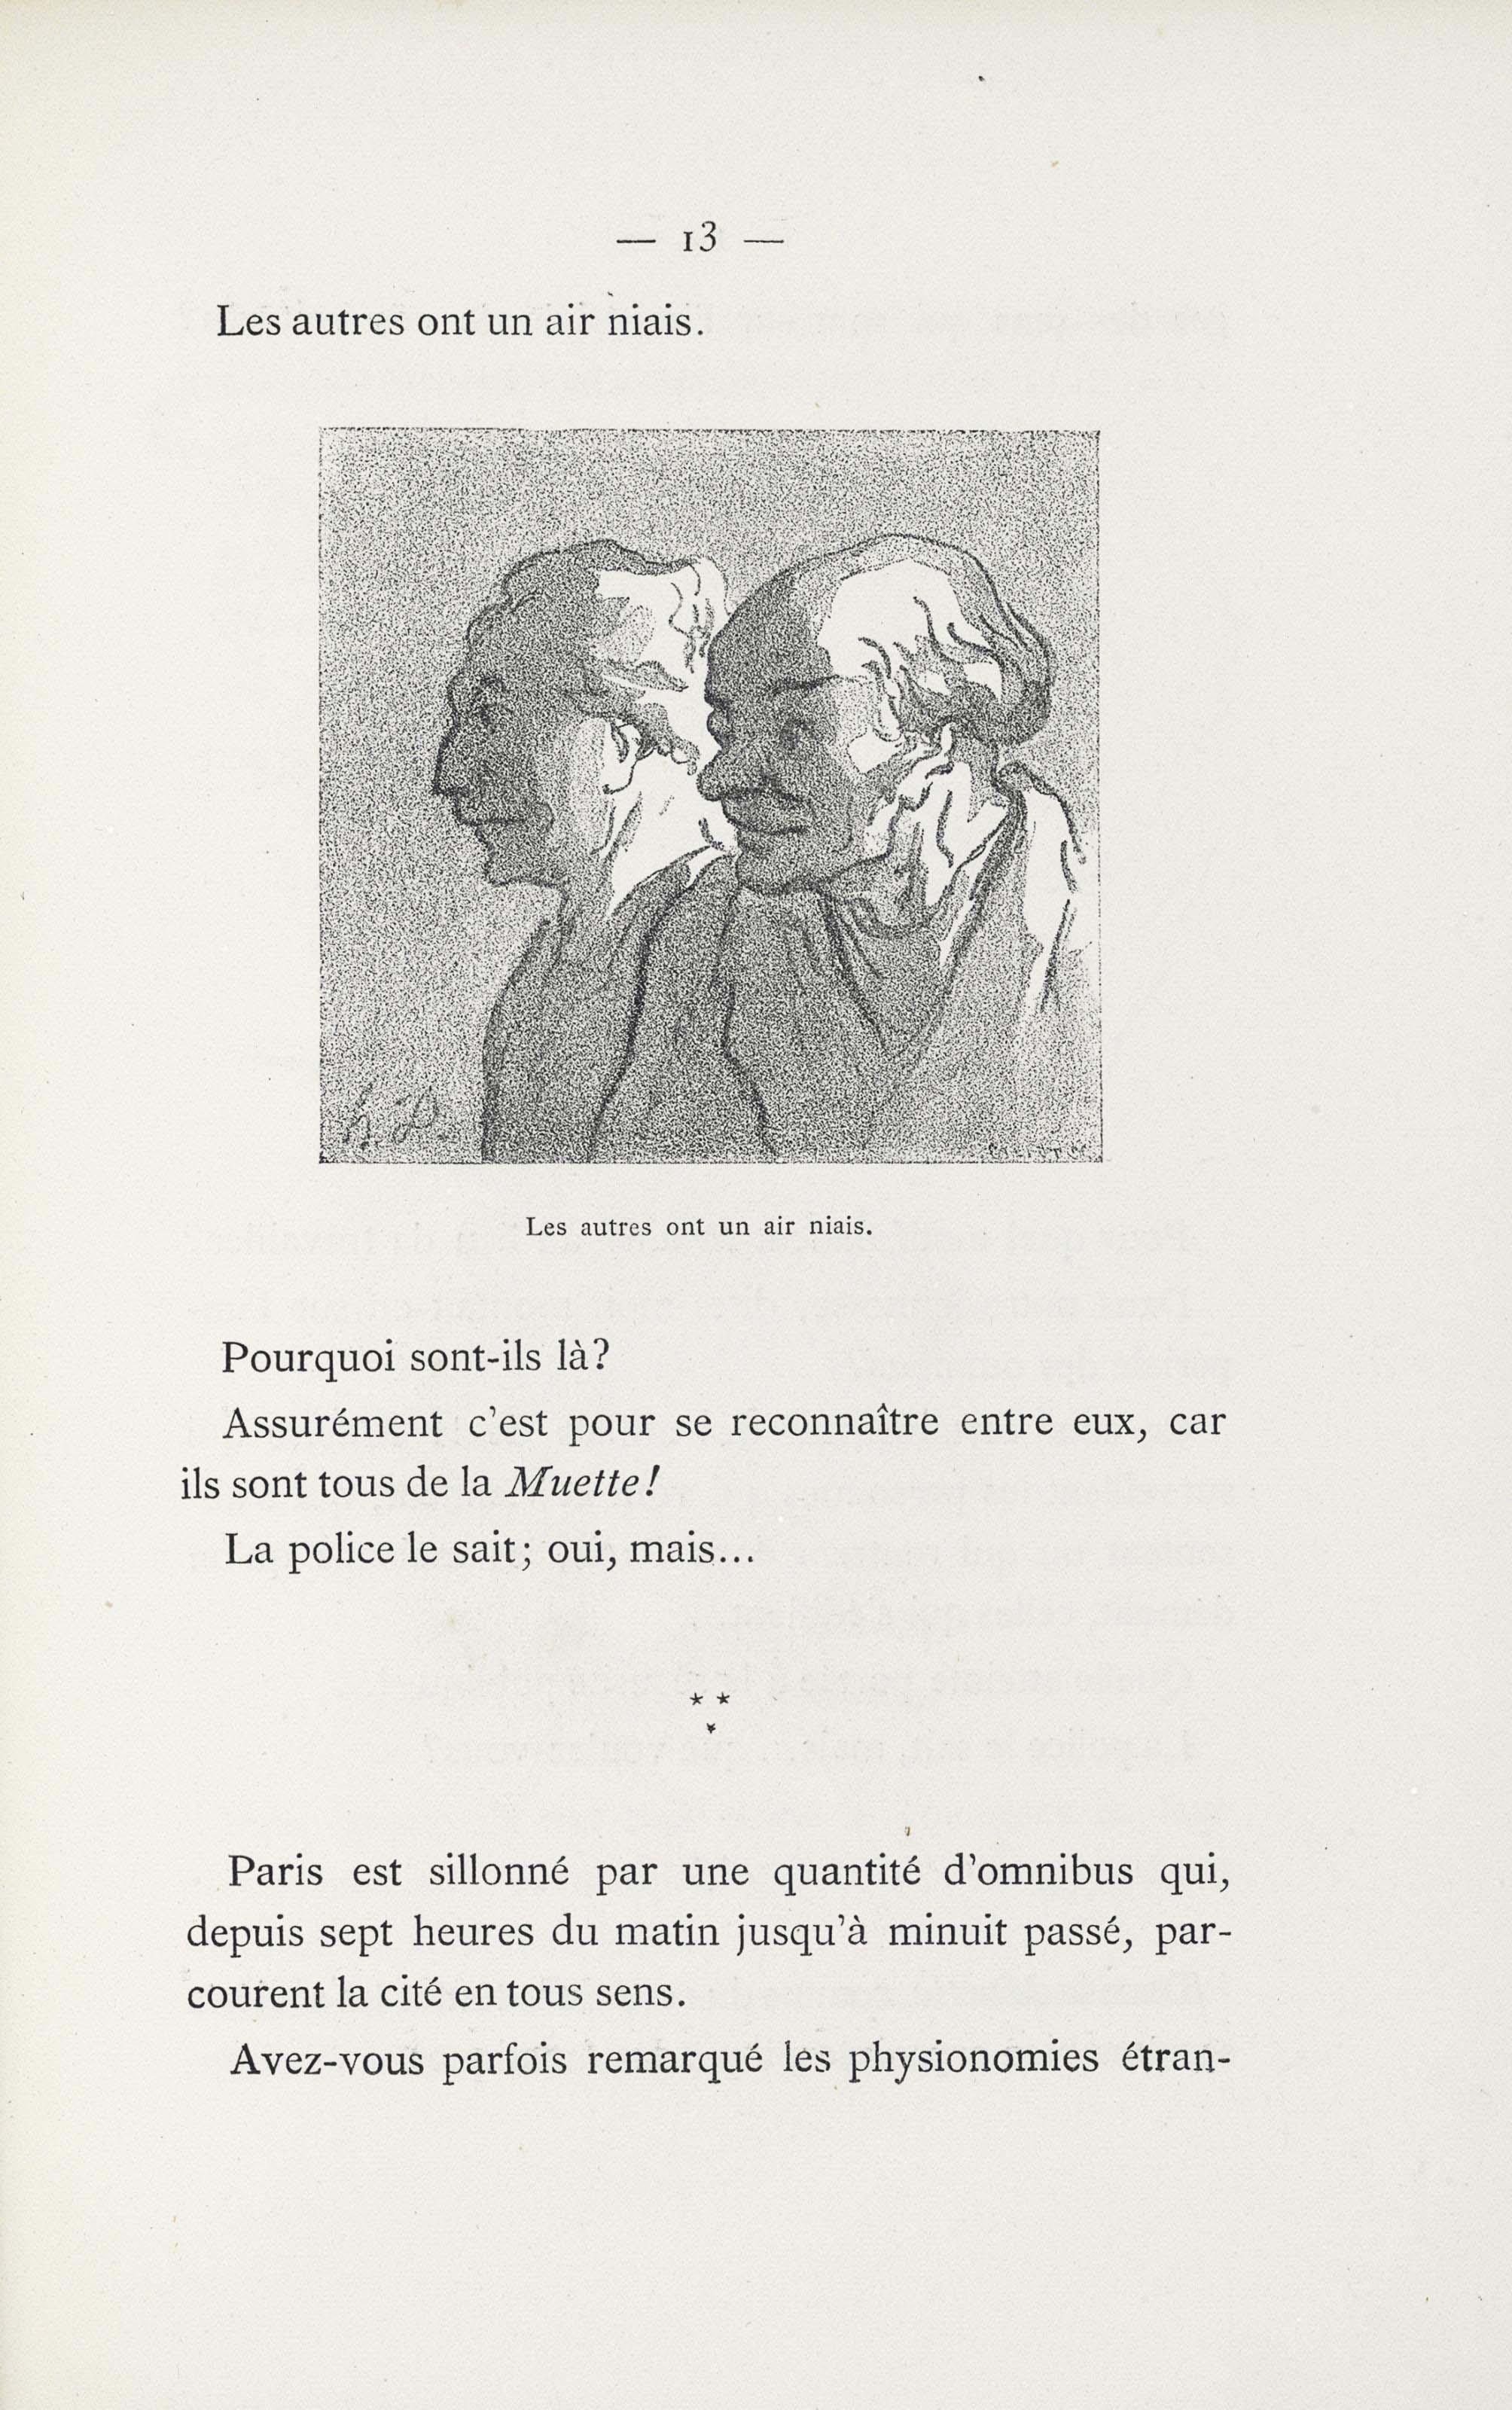 POTHEY, Alexandre (1820-1897)